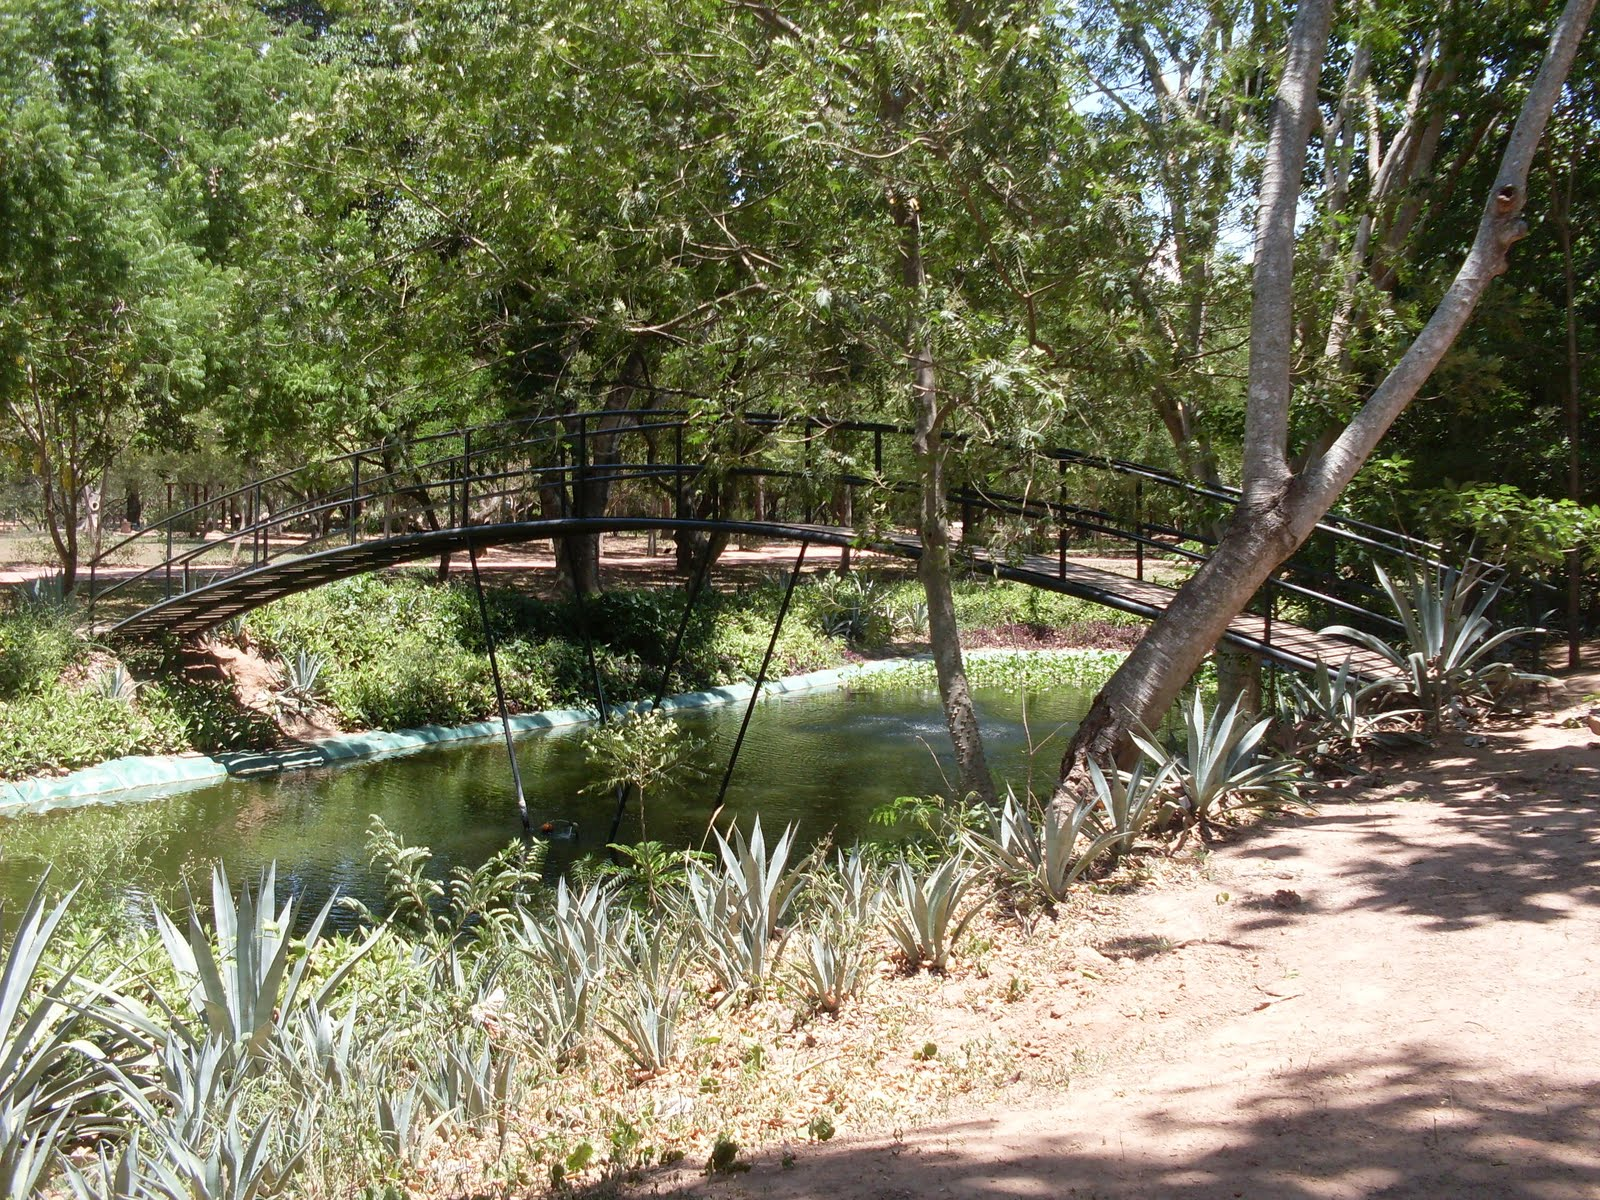 jardin botanico 2011